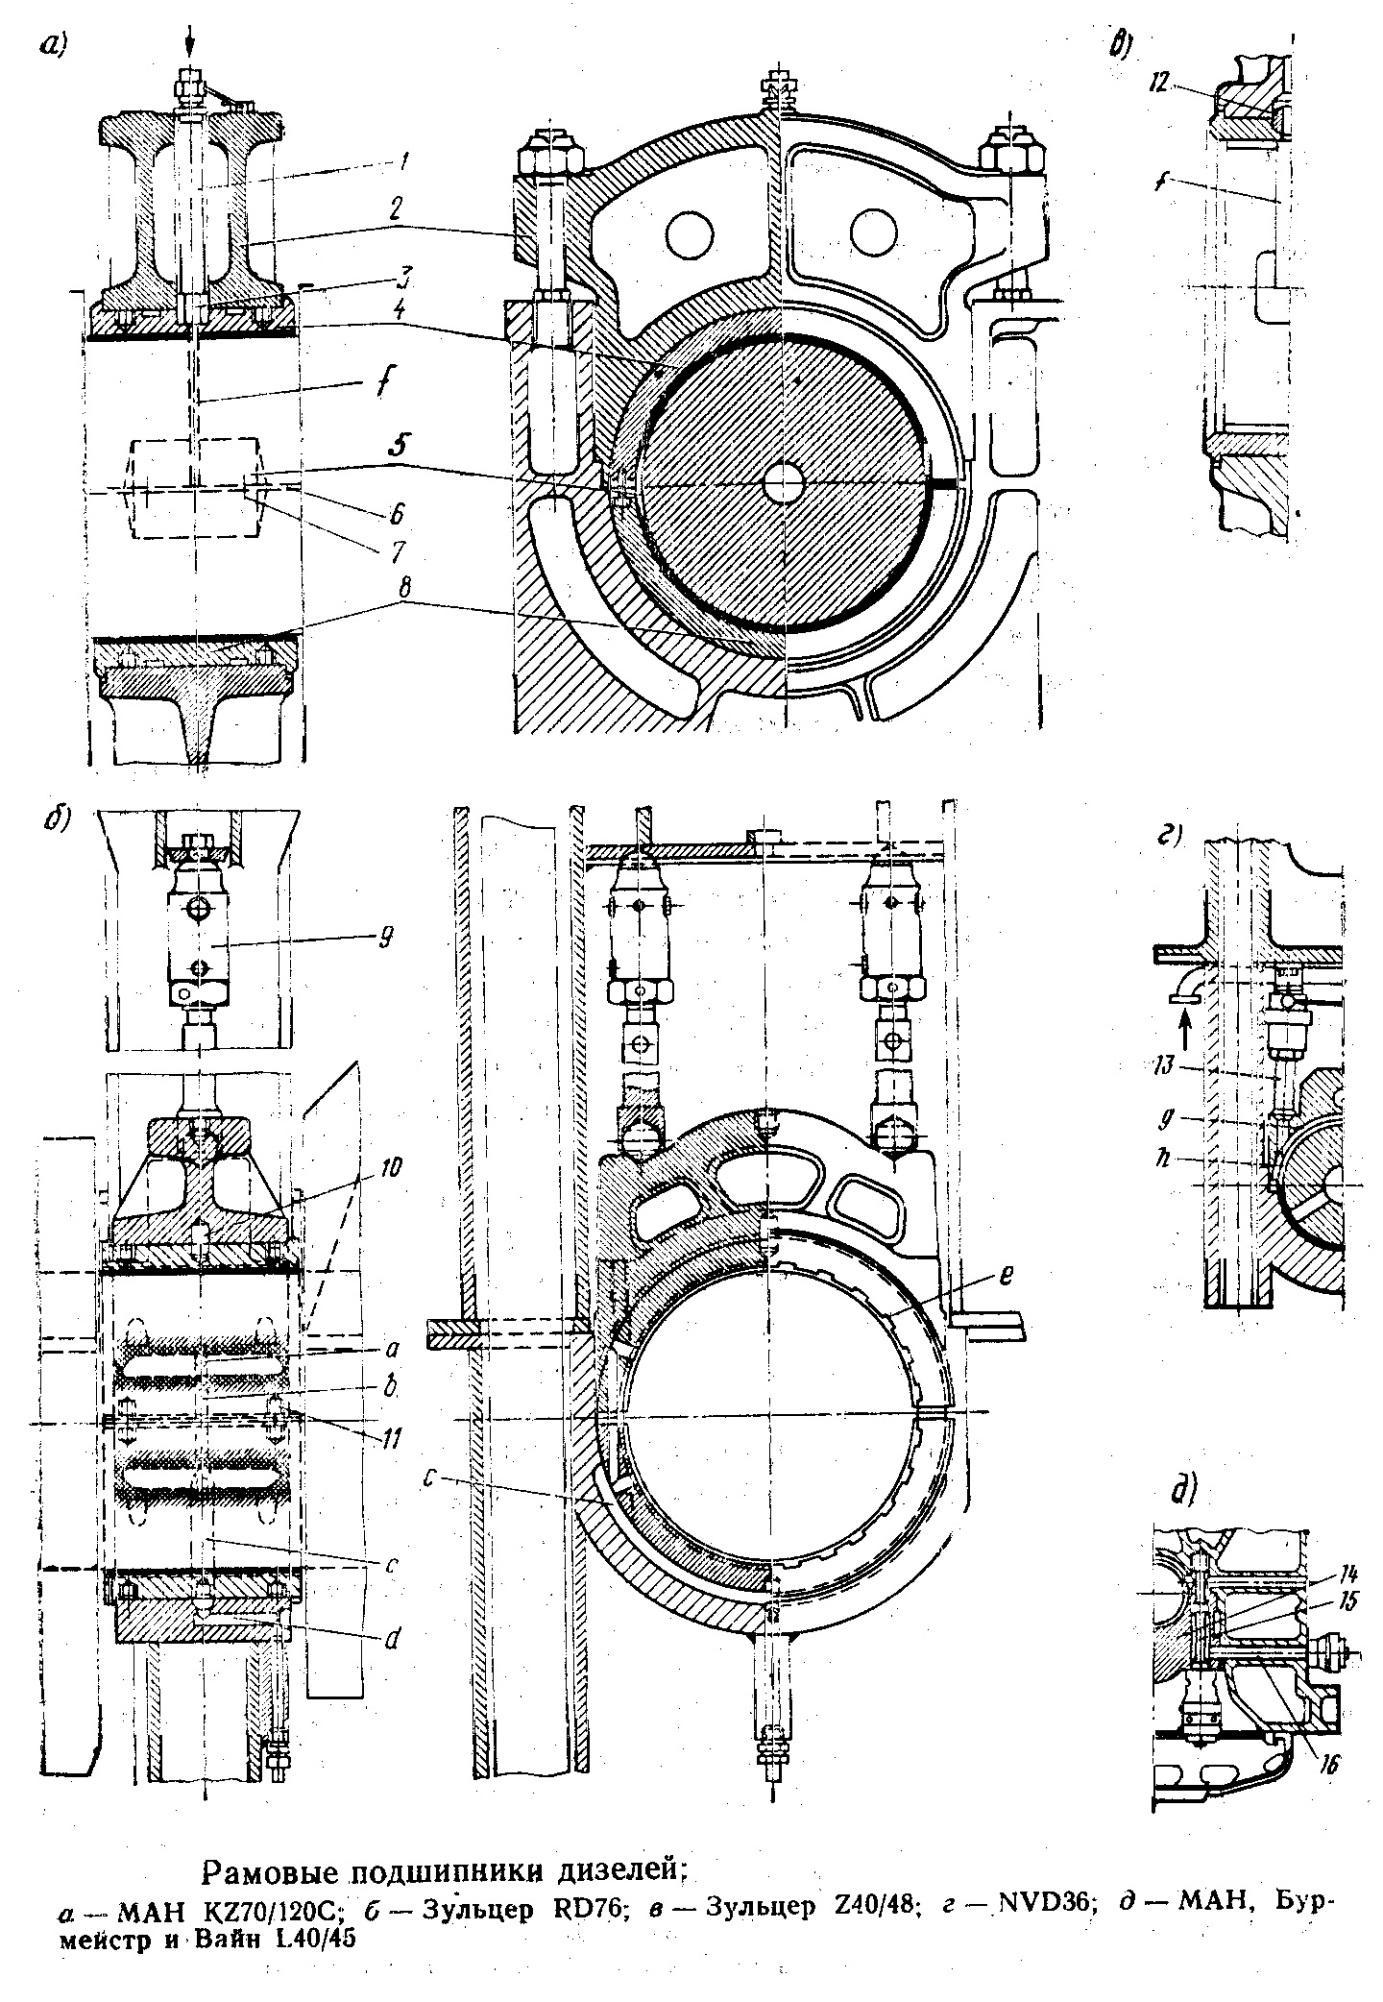 Оценка технического состояния упорных колец коленвала